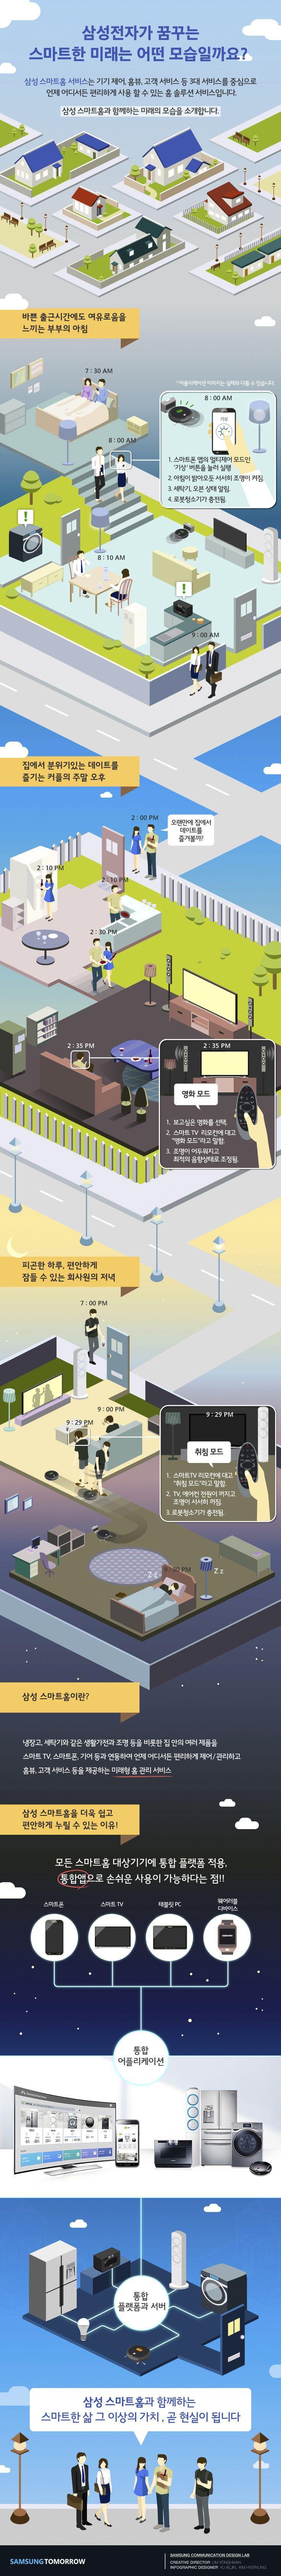 삼성전자가 꿈꾸는 스마트한 미래의 모습에 관한 인포그래픽